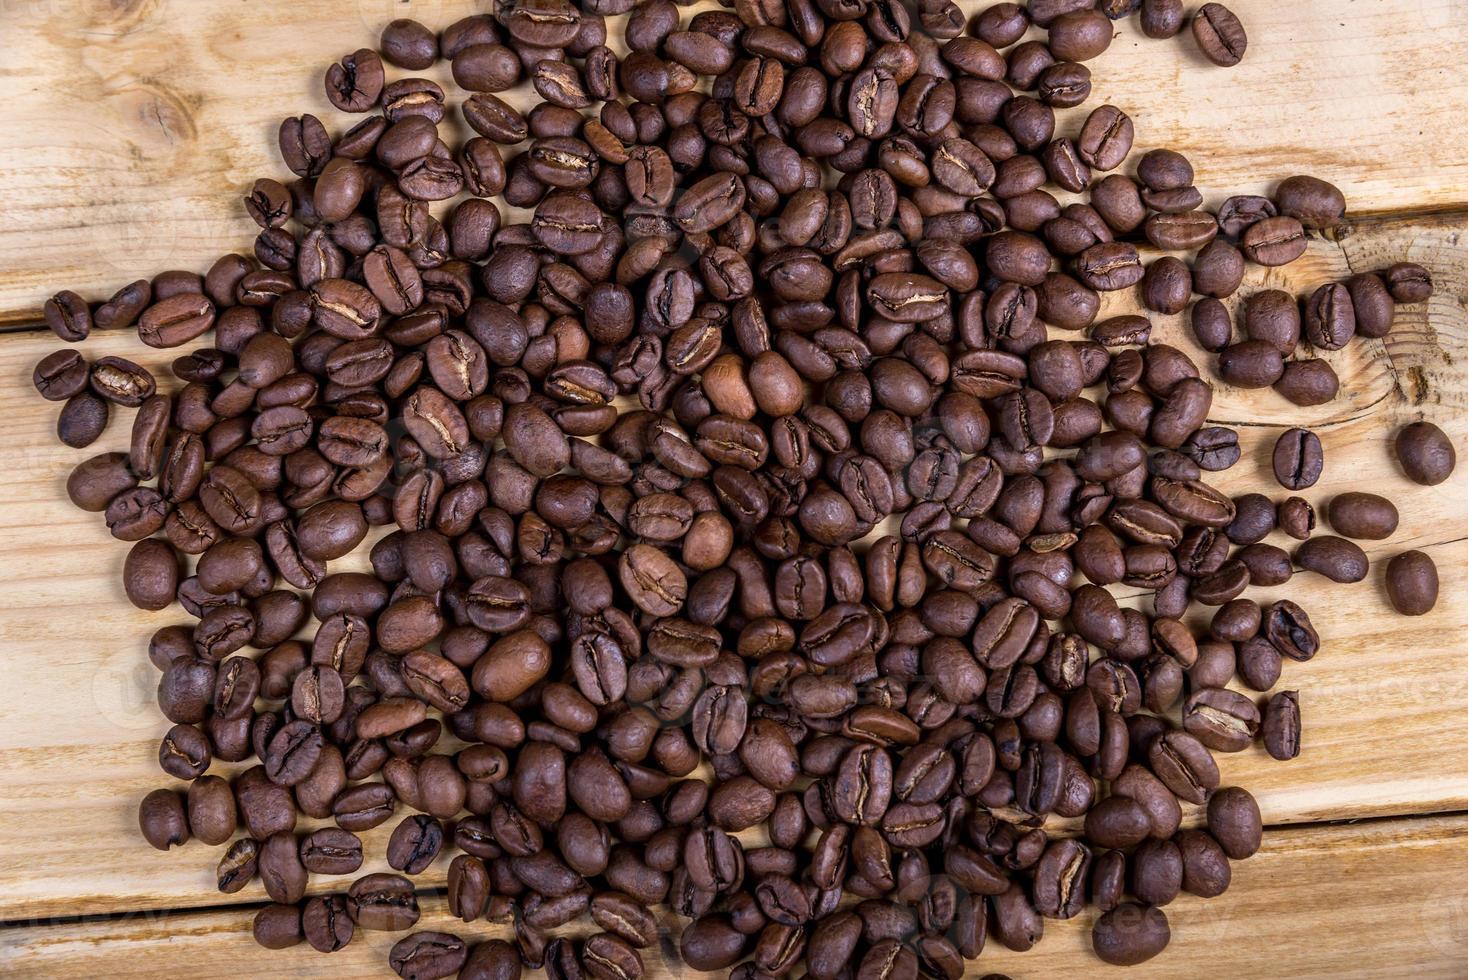 koffiebonen op de houten tafel foto